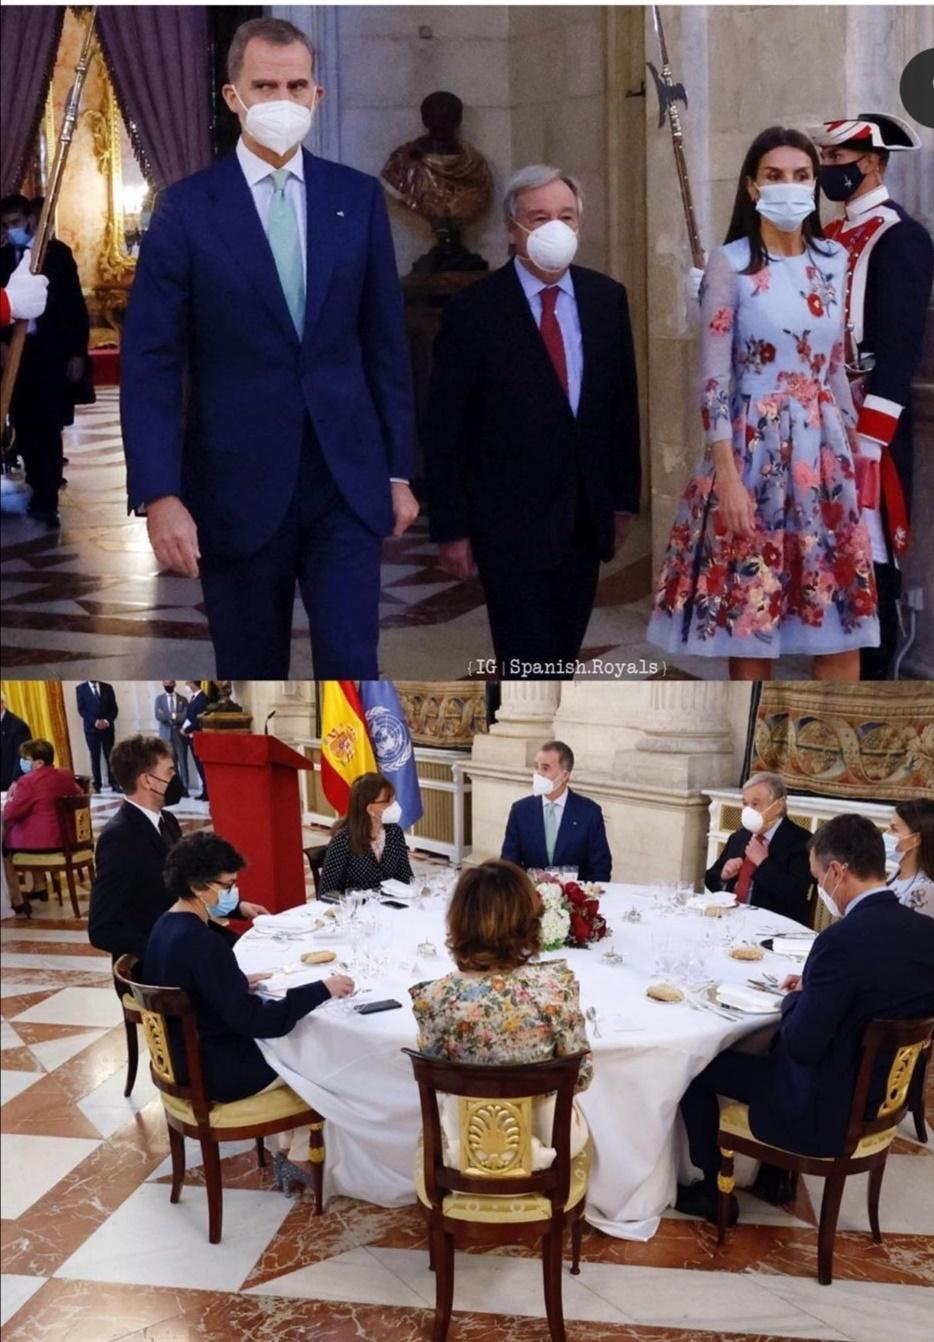 مأدبة الغداء- الصورة من حساب Spanish Royals على إنستغرام.jpg